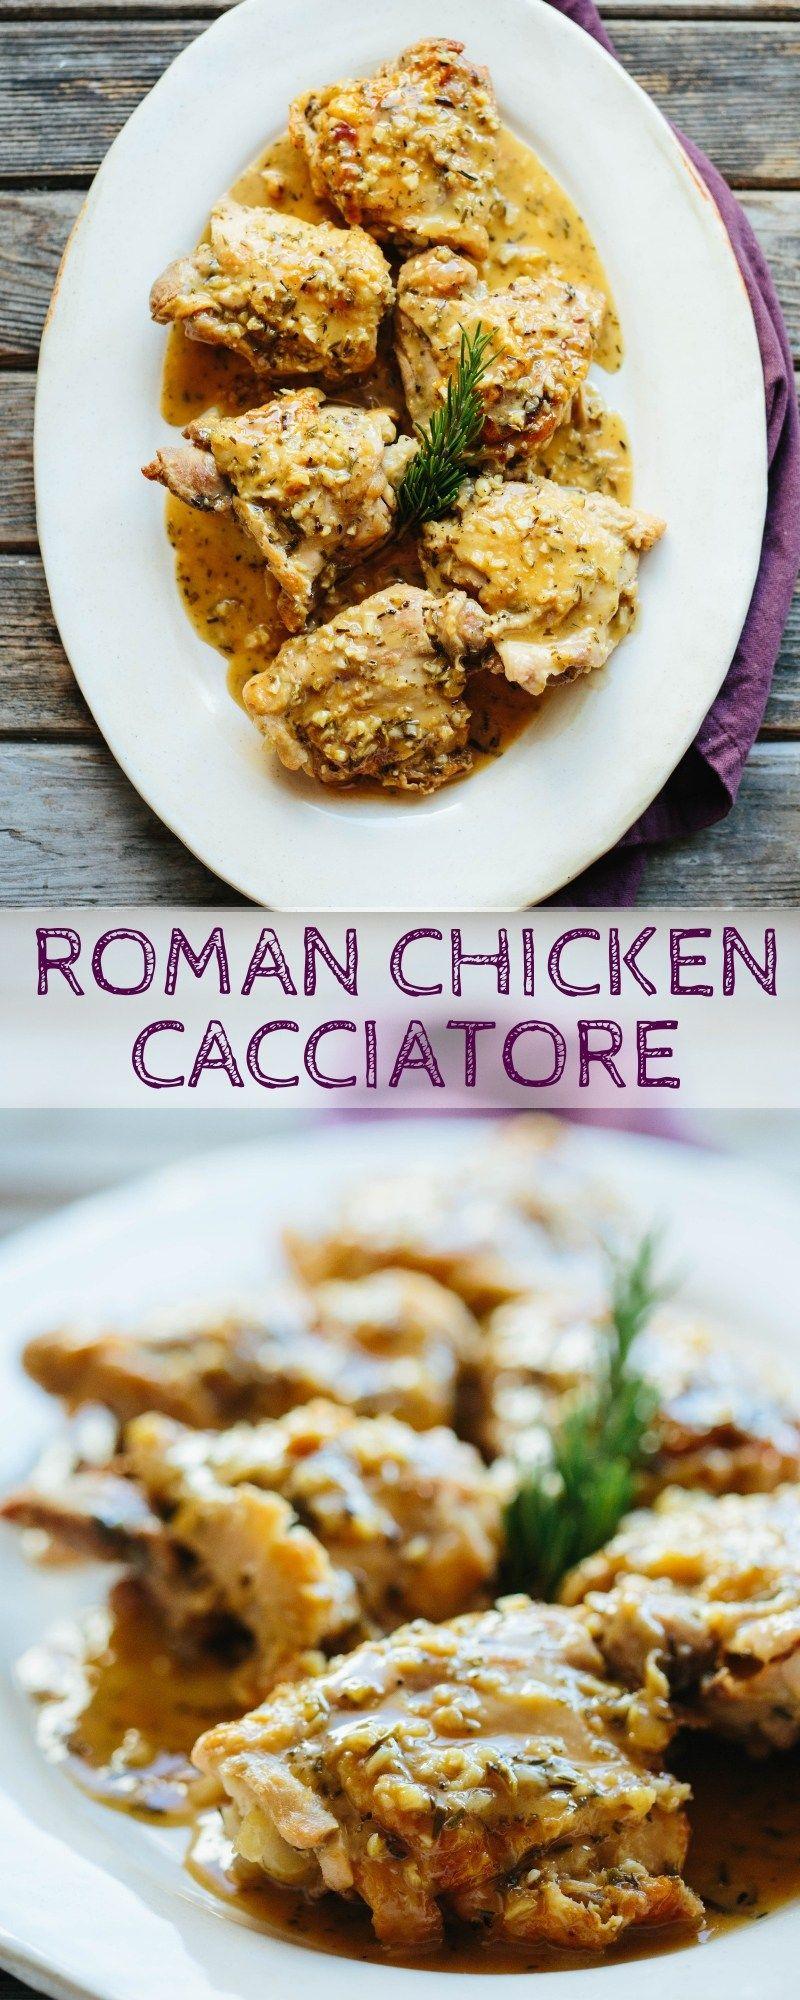 Roman Chicken Cacciatore Recipe Chicken Cacciatore Chicken Recipes Roman Chicken